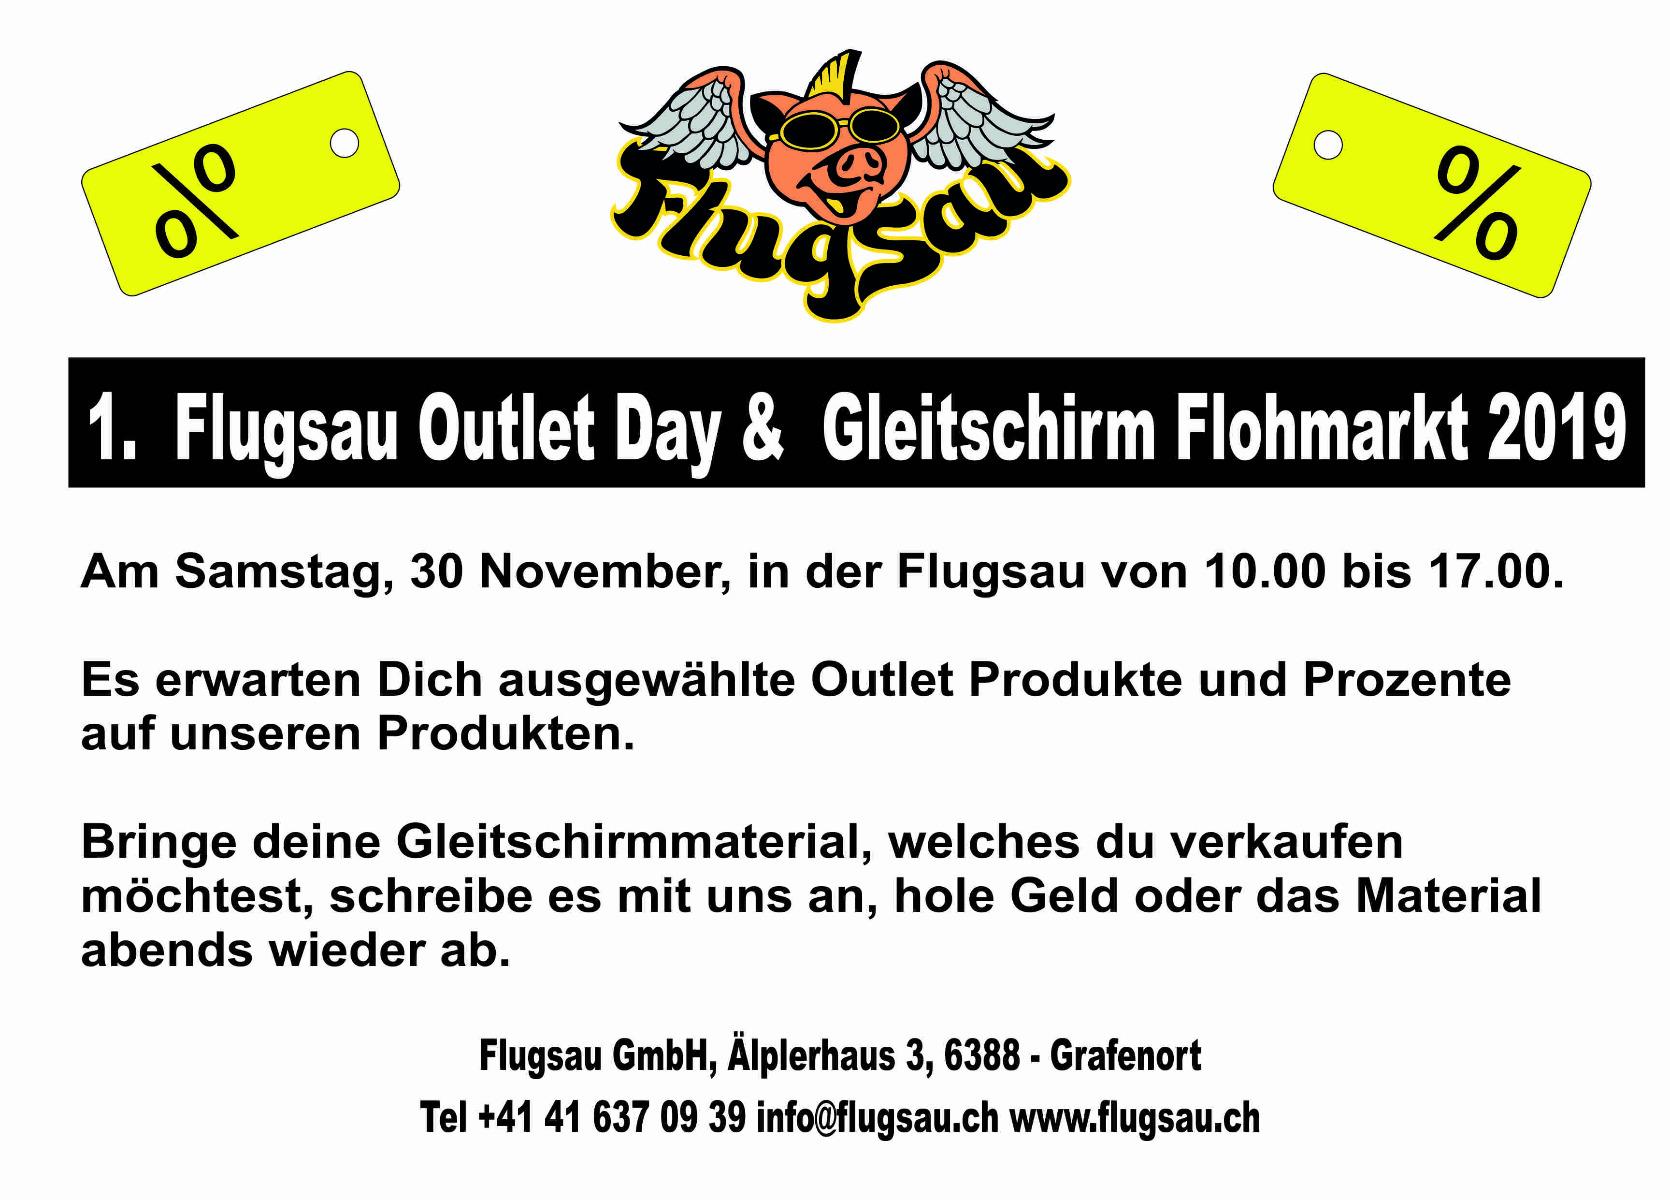 1. Flugsau Outlet Day & Gleitschirm Flohmarkt 2019